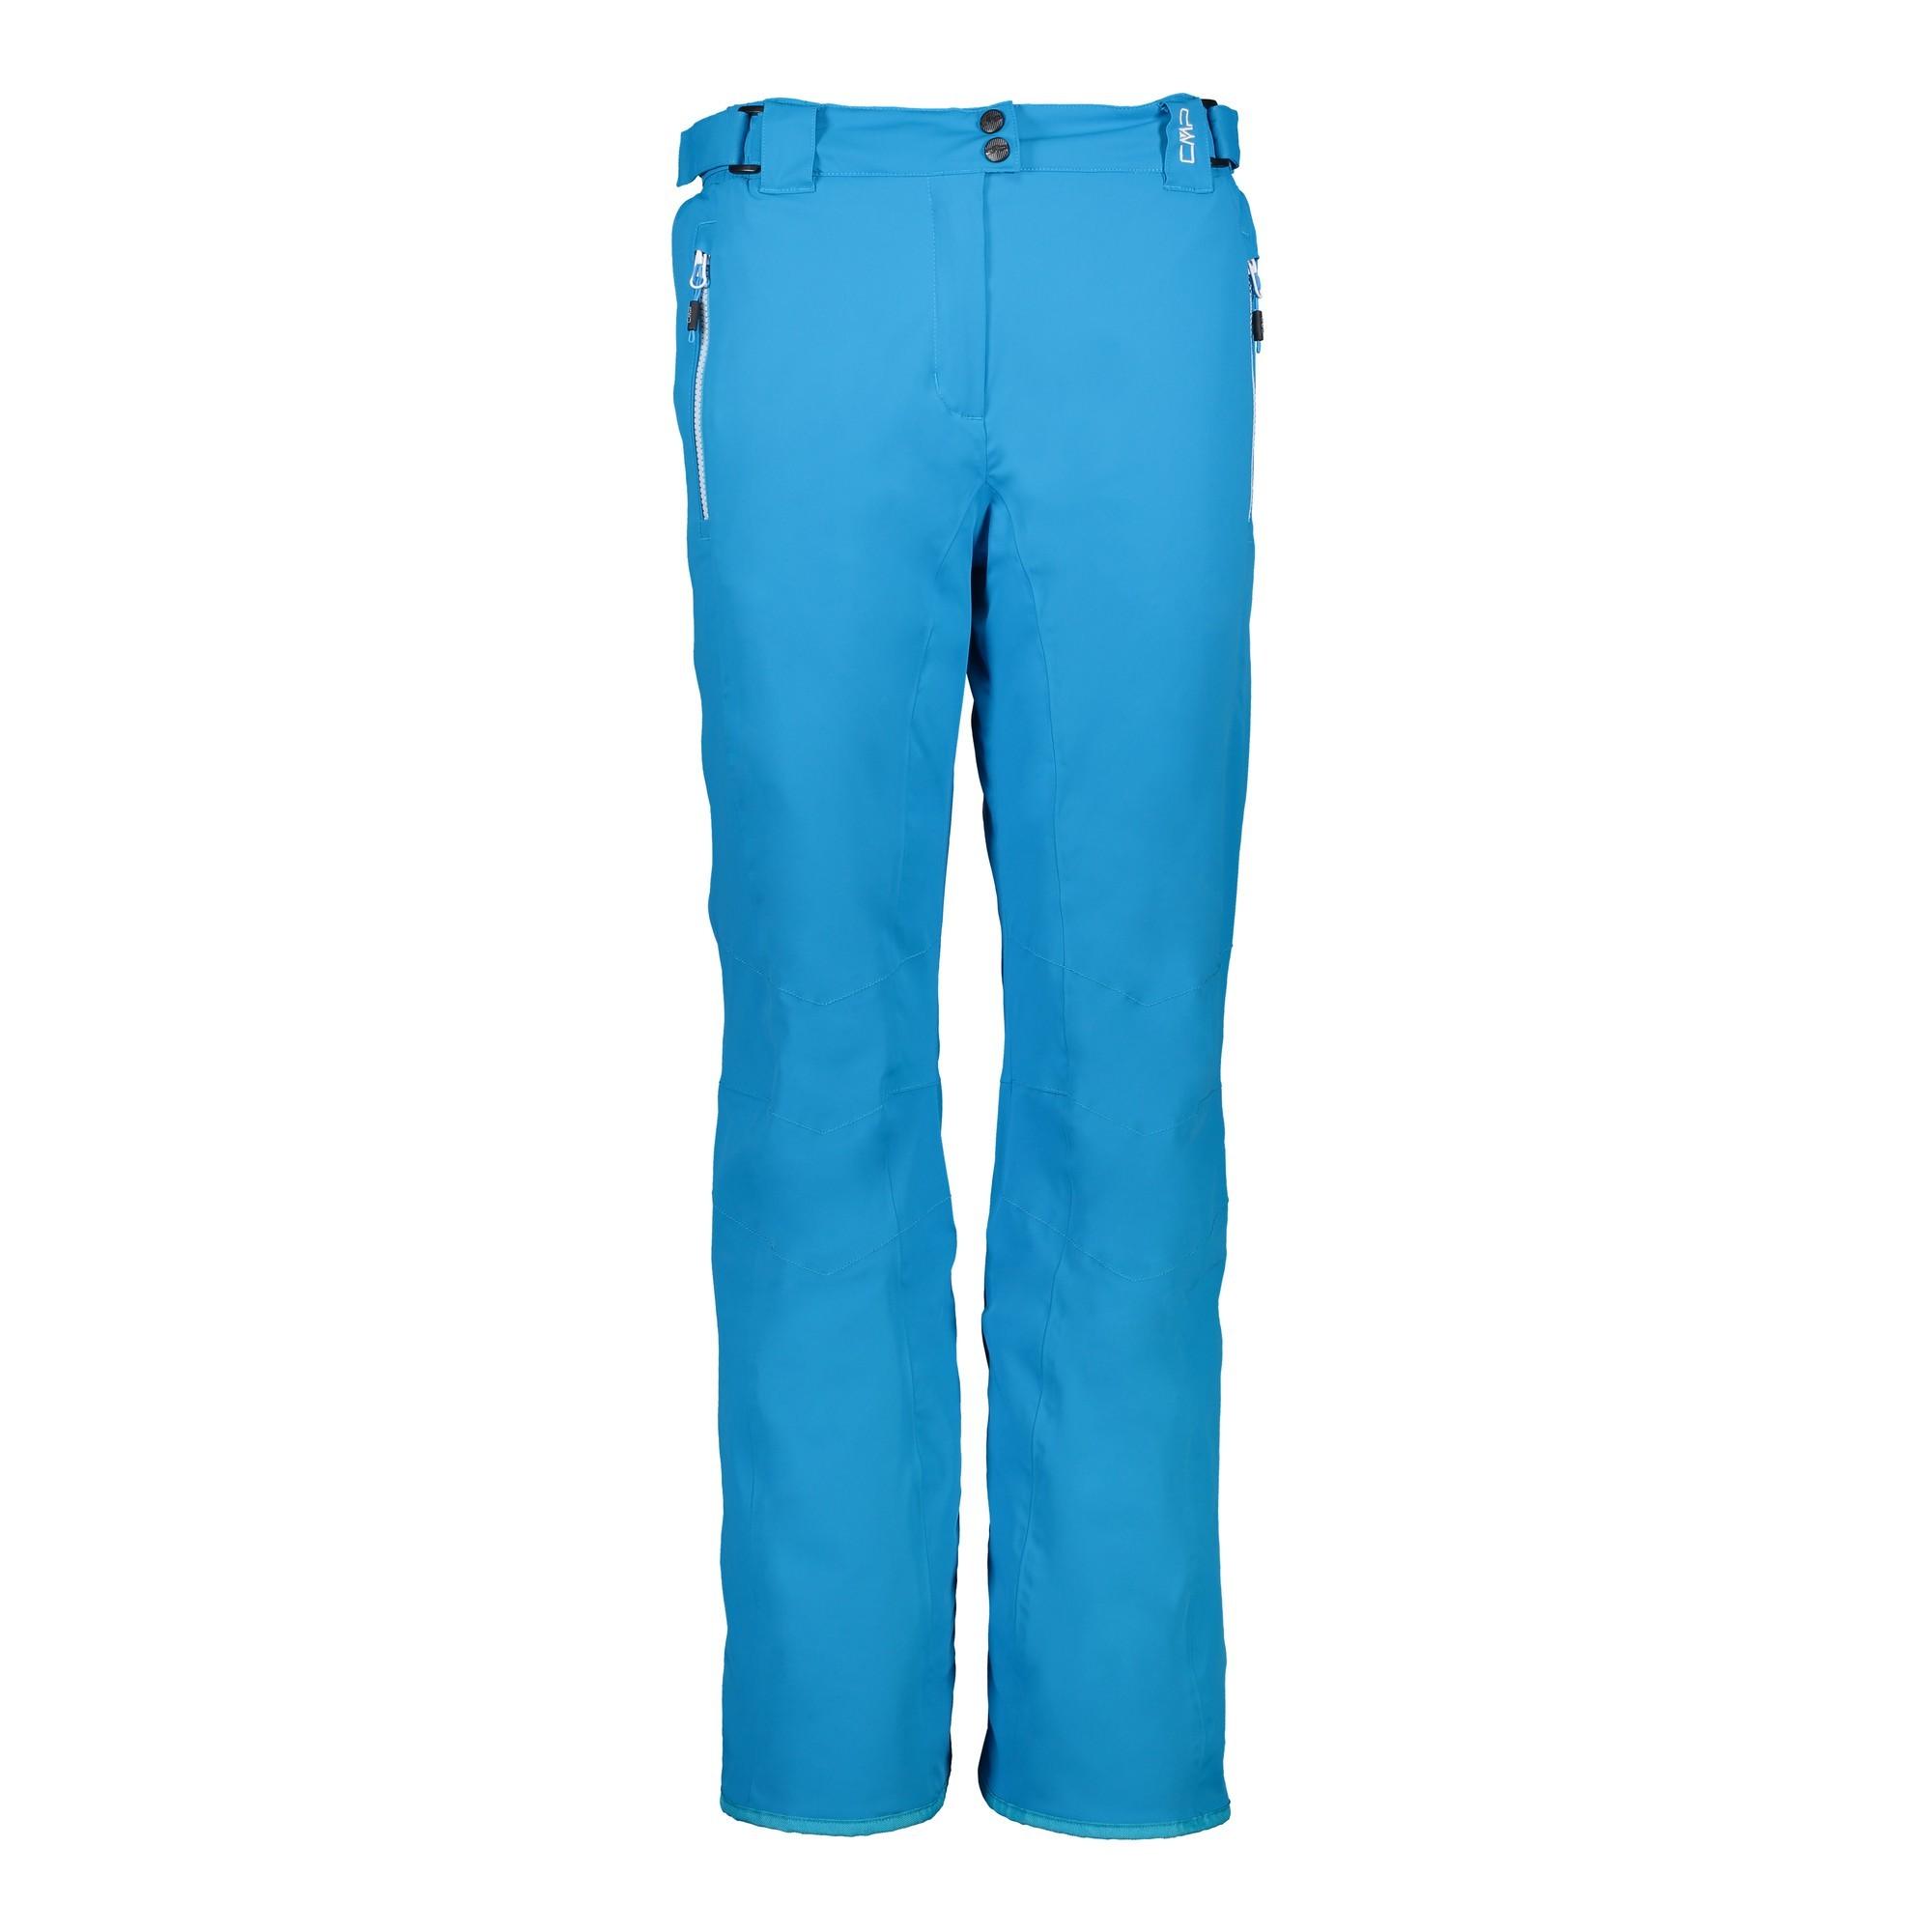 Afbeelding van CMP 3W04266 Skibroek Dames Blue Jewel 36